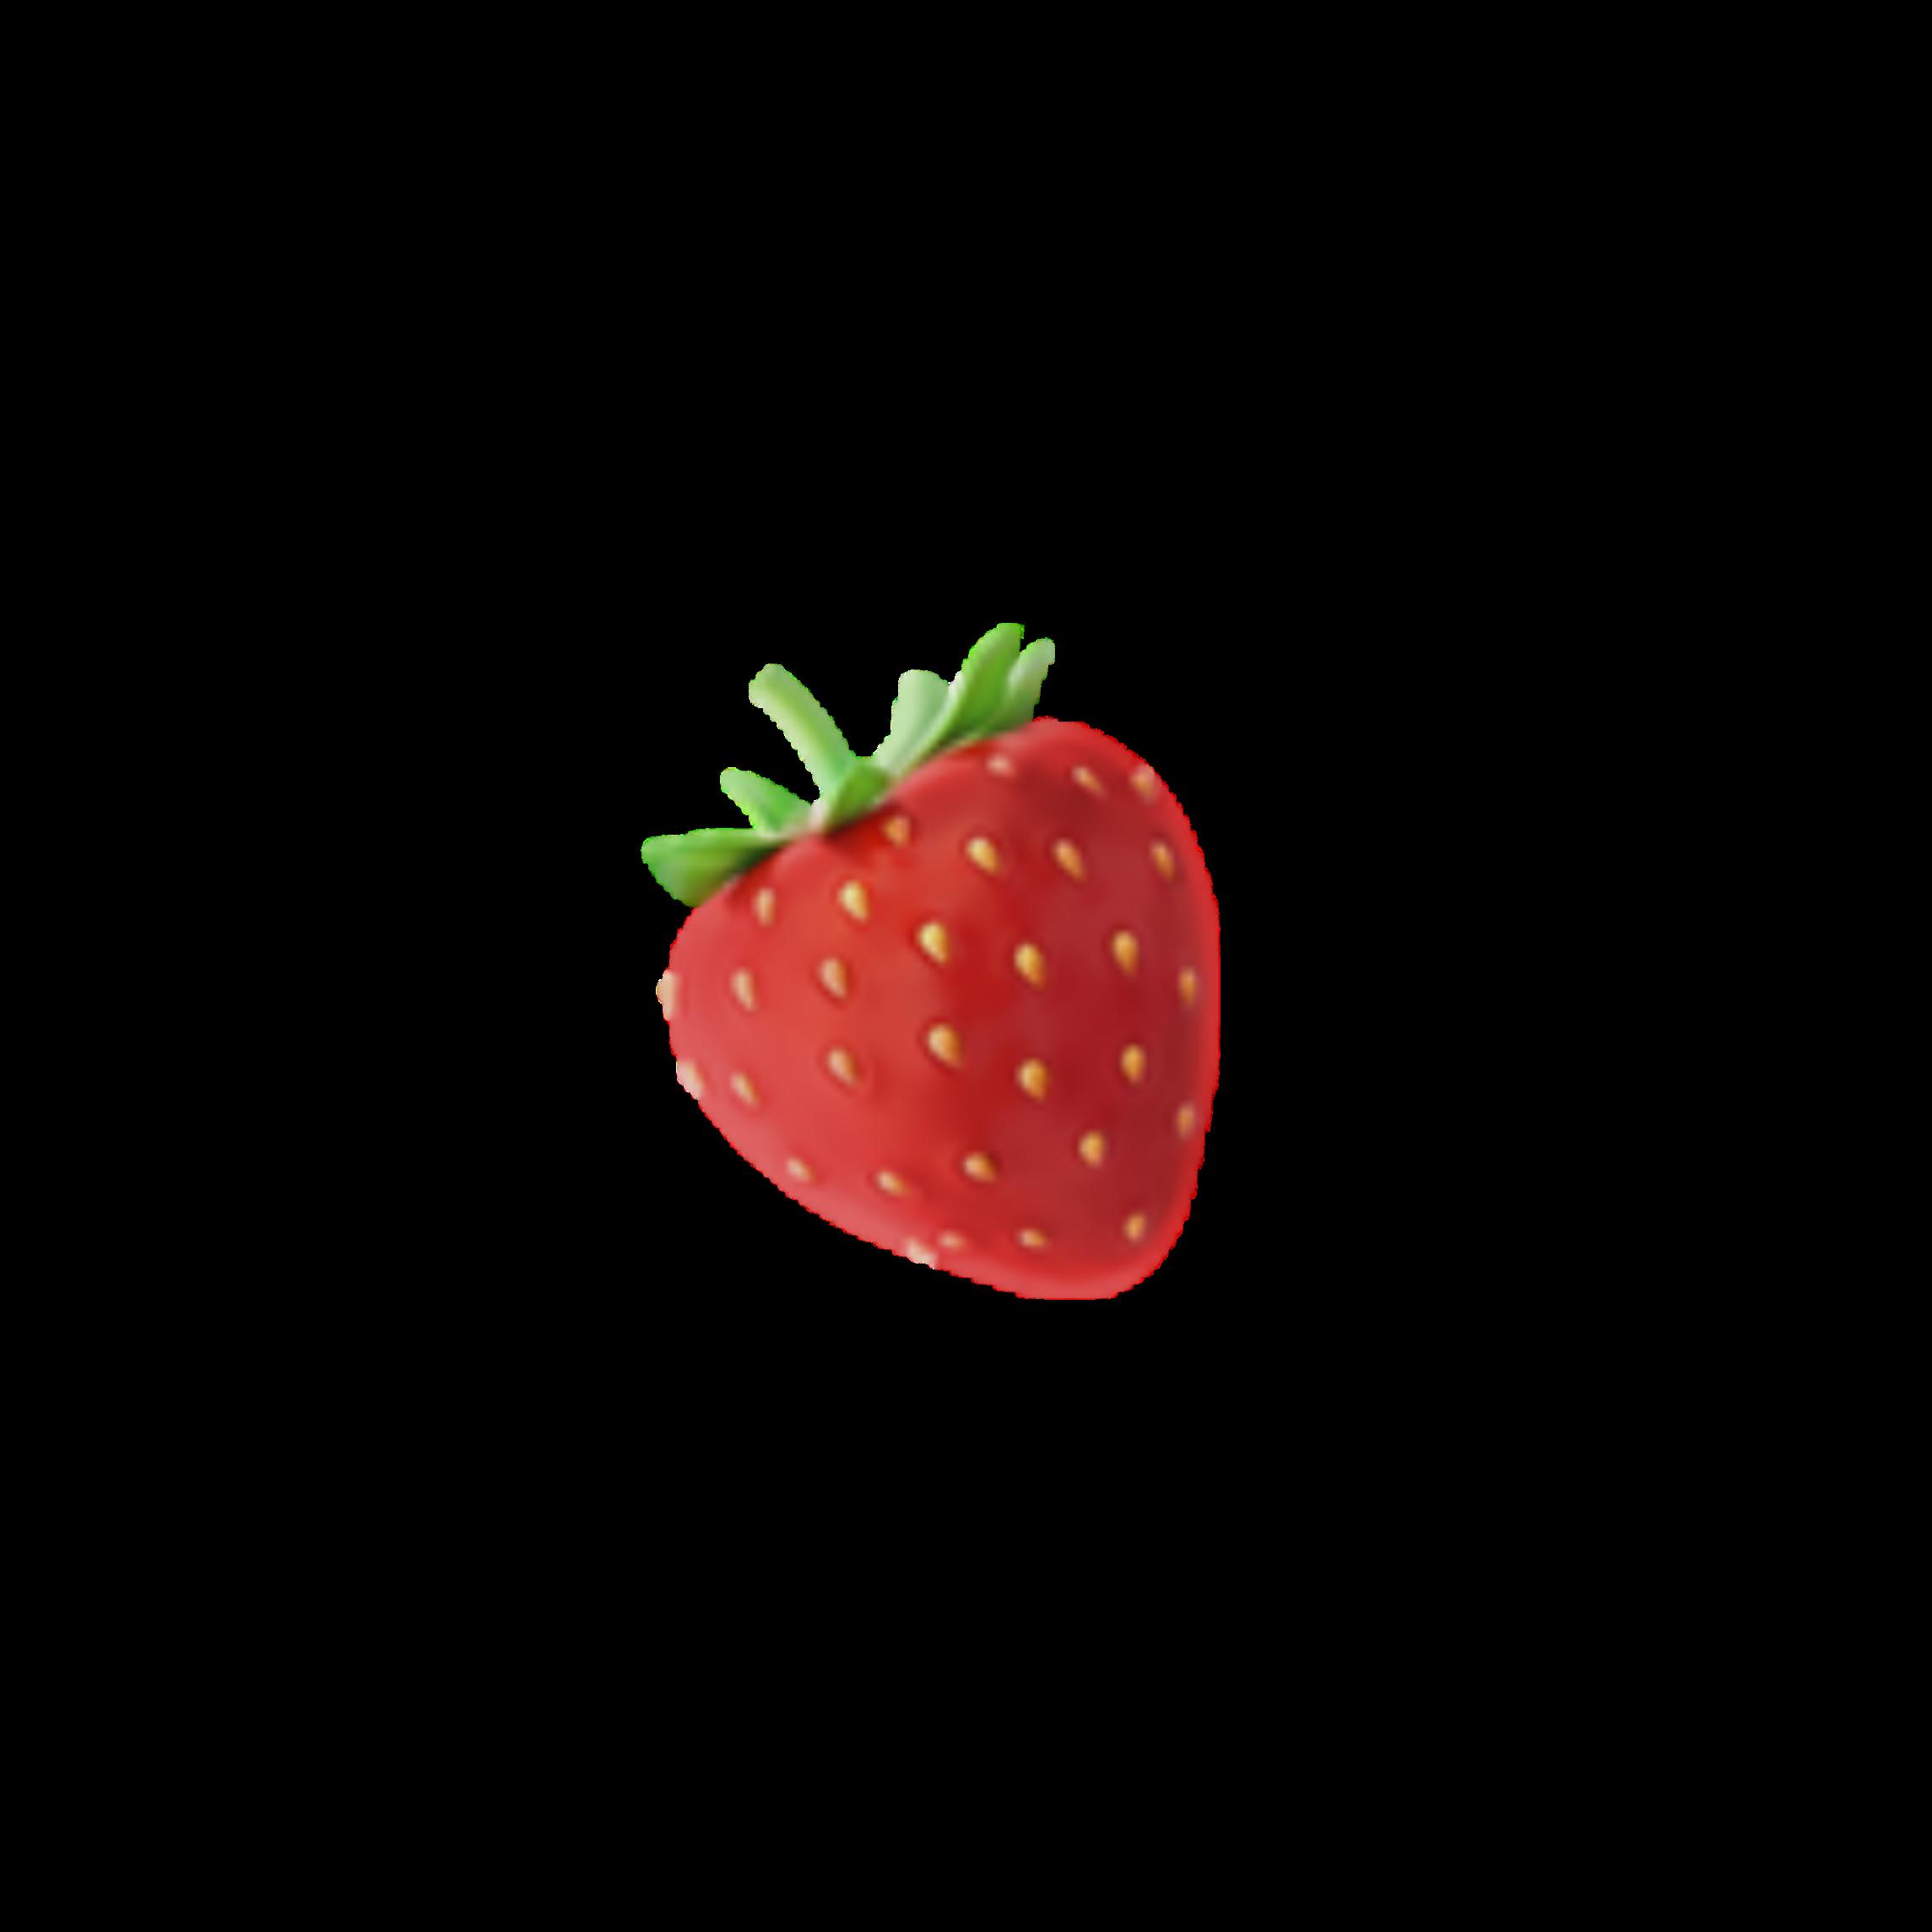 strawberry berry berrys emoji ios iosmoji iosmoji ios11